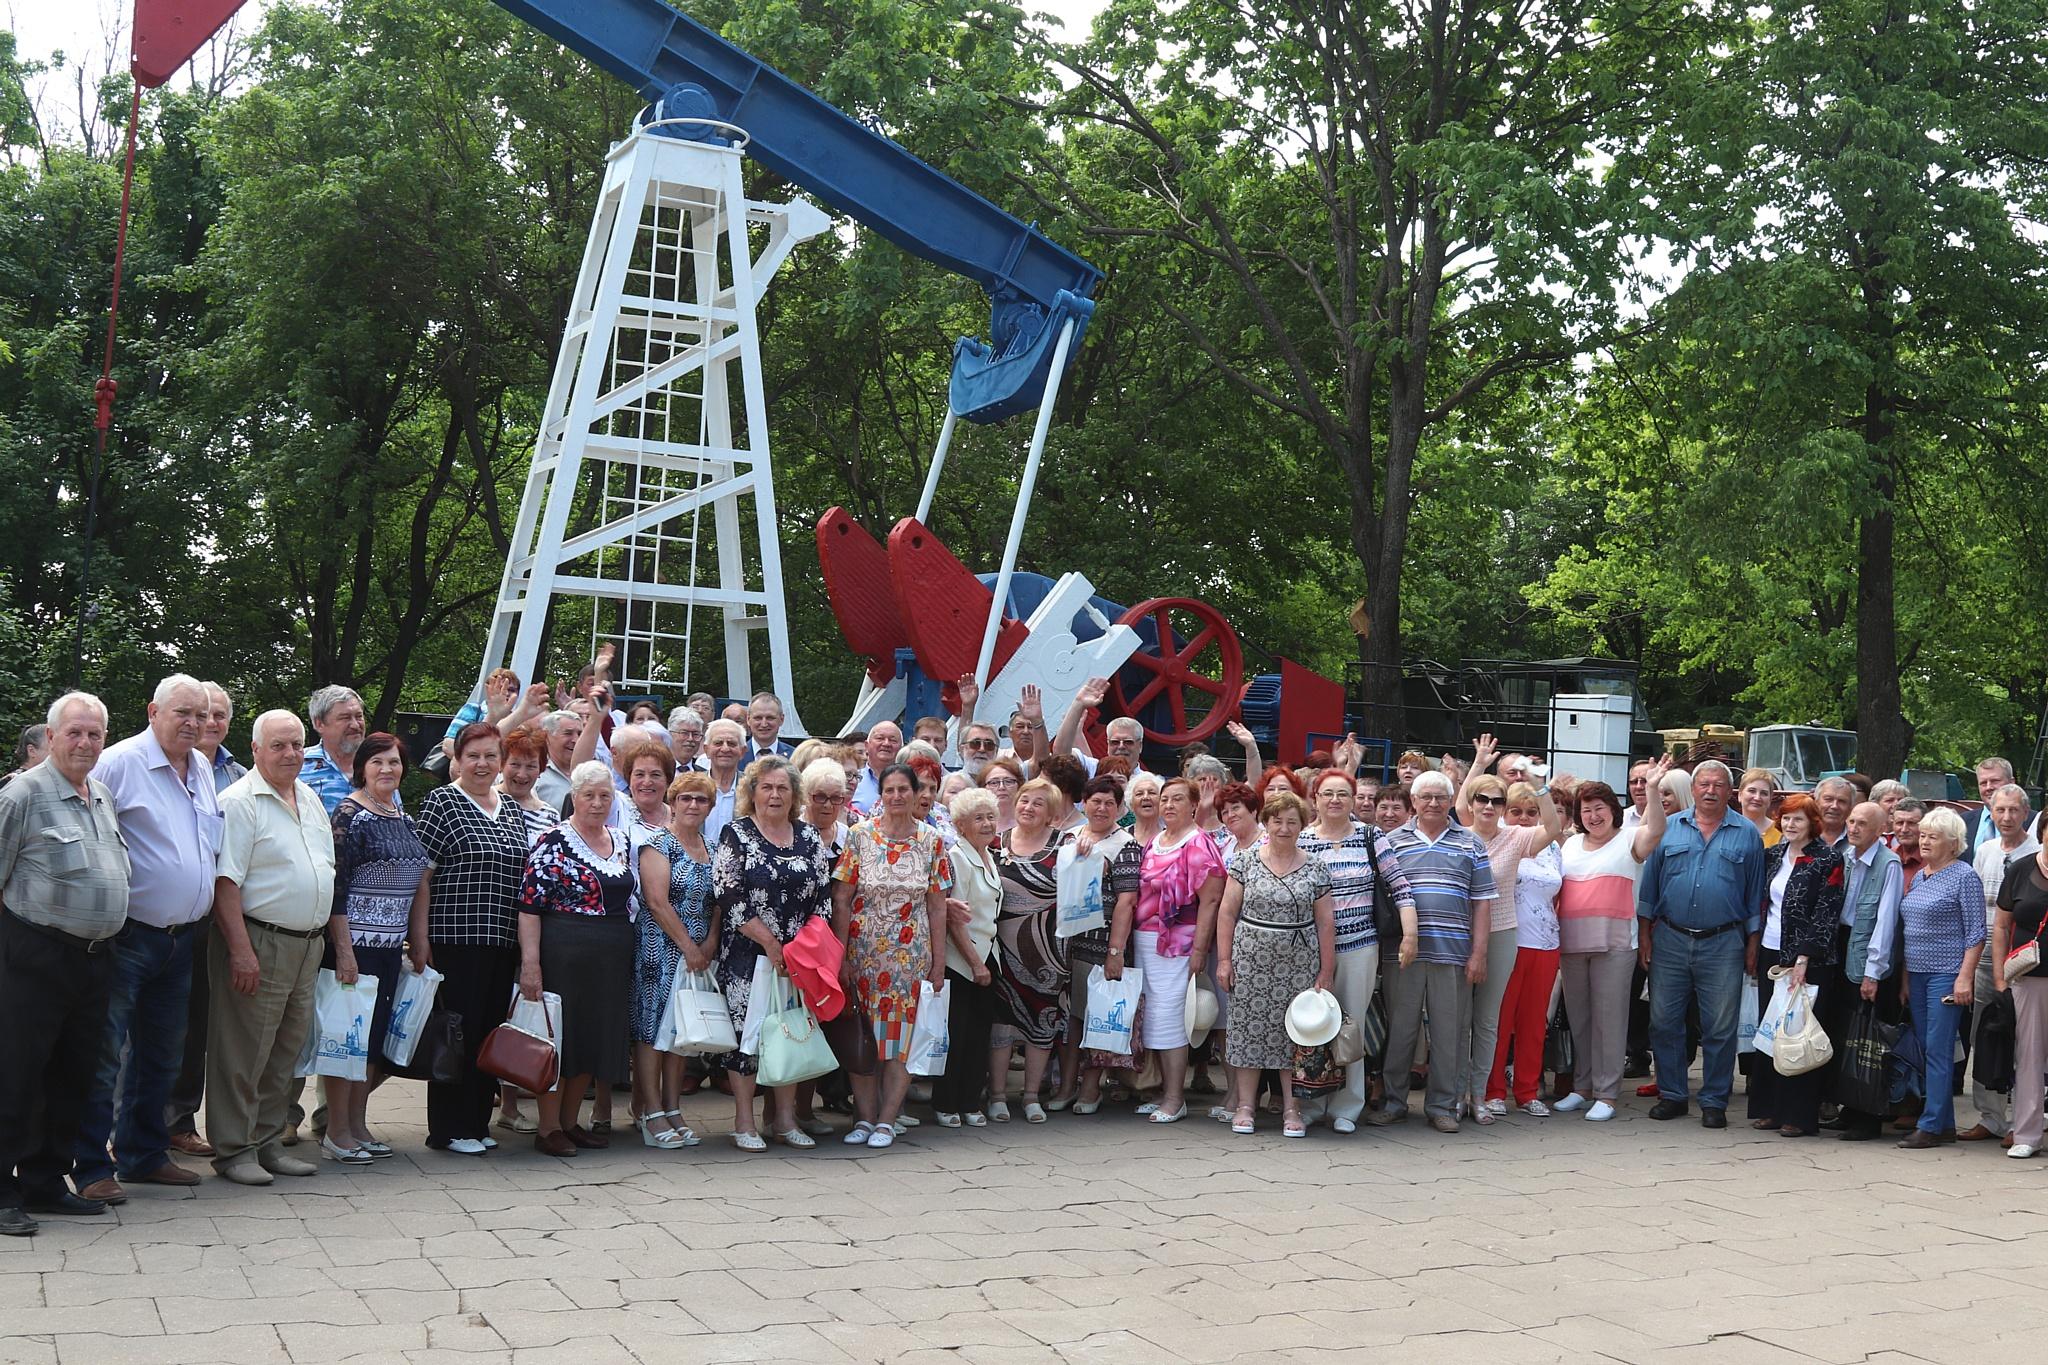 В Парке Победы Саратова открыли станок-качалку